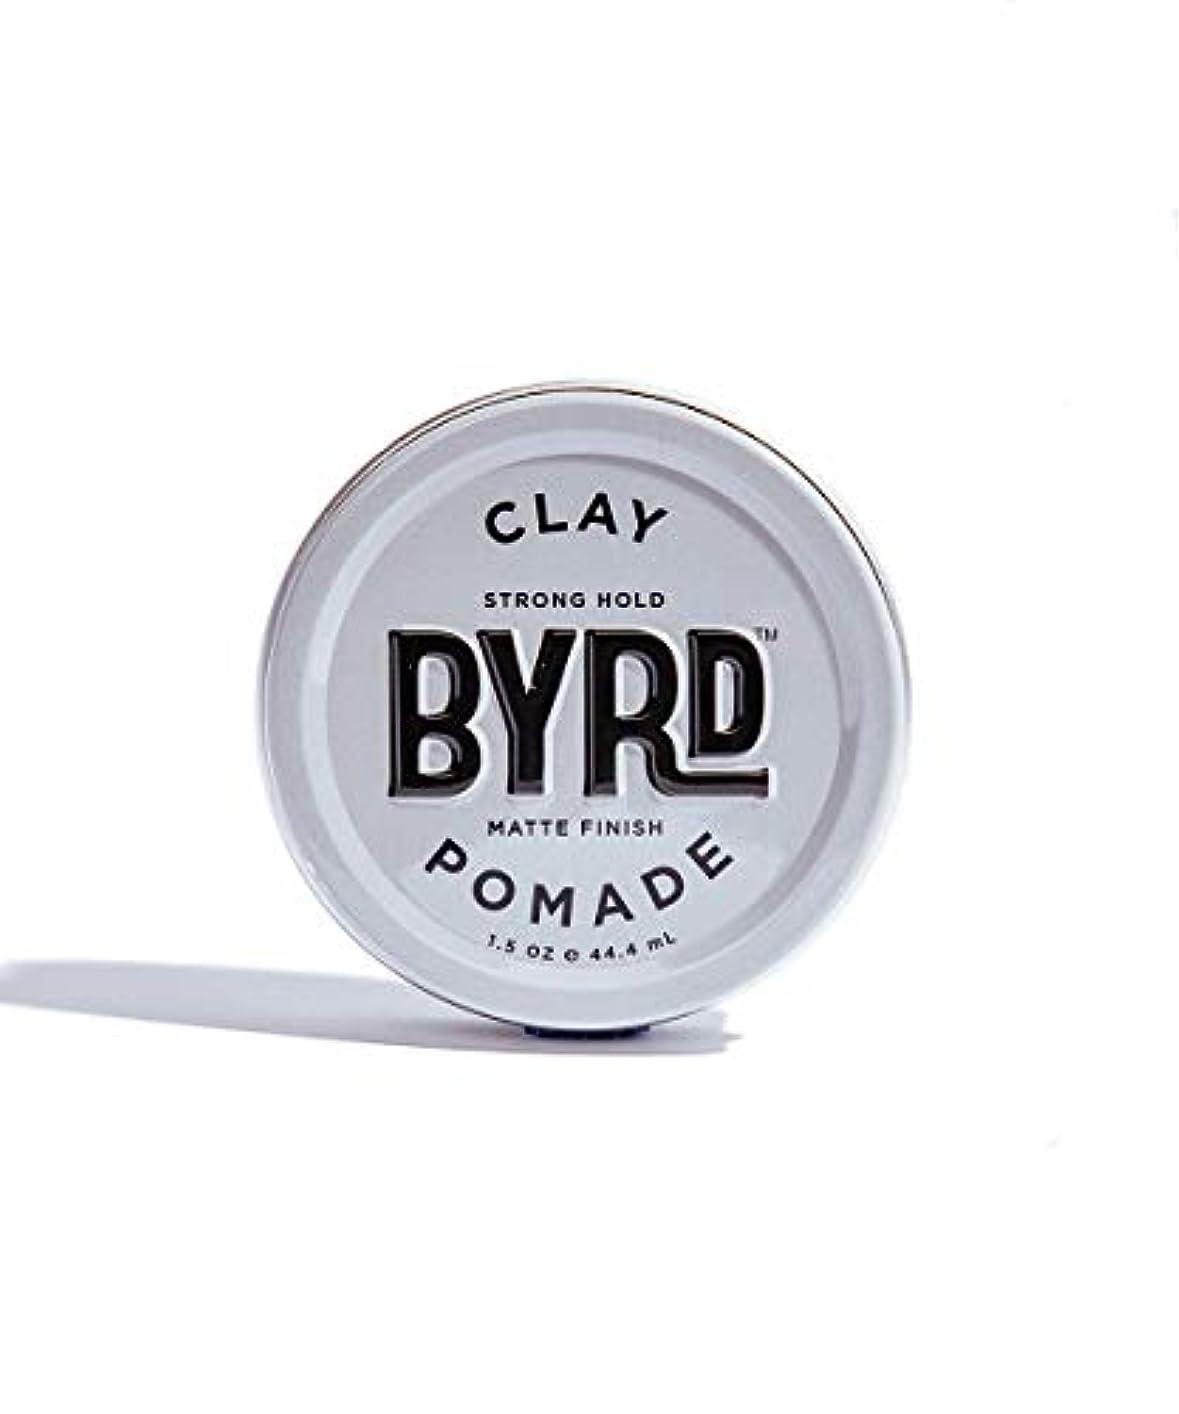 不信航海なめらかBYRD/クレイポマード 42g メンズコスメ ワックス ヘアスタイリング かっこいい モテ髪